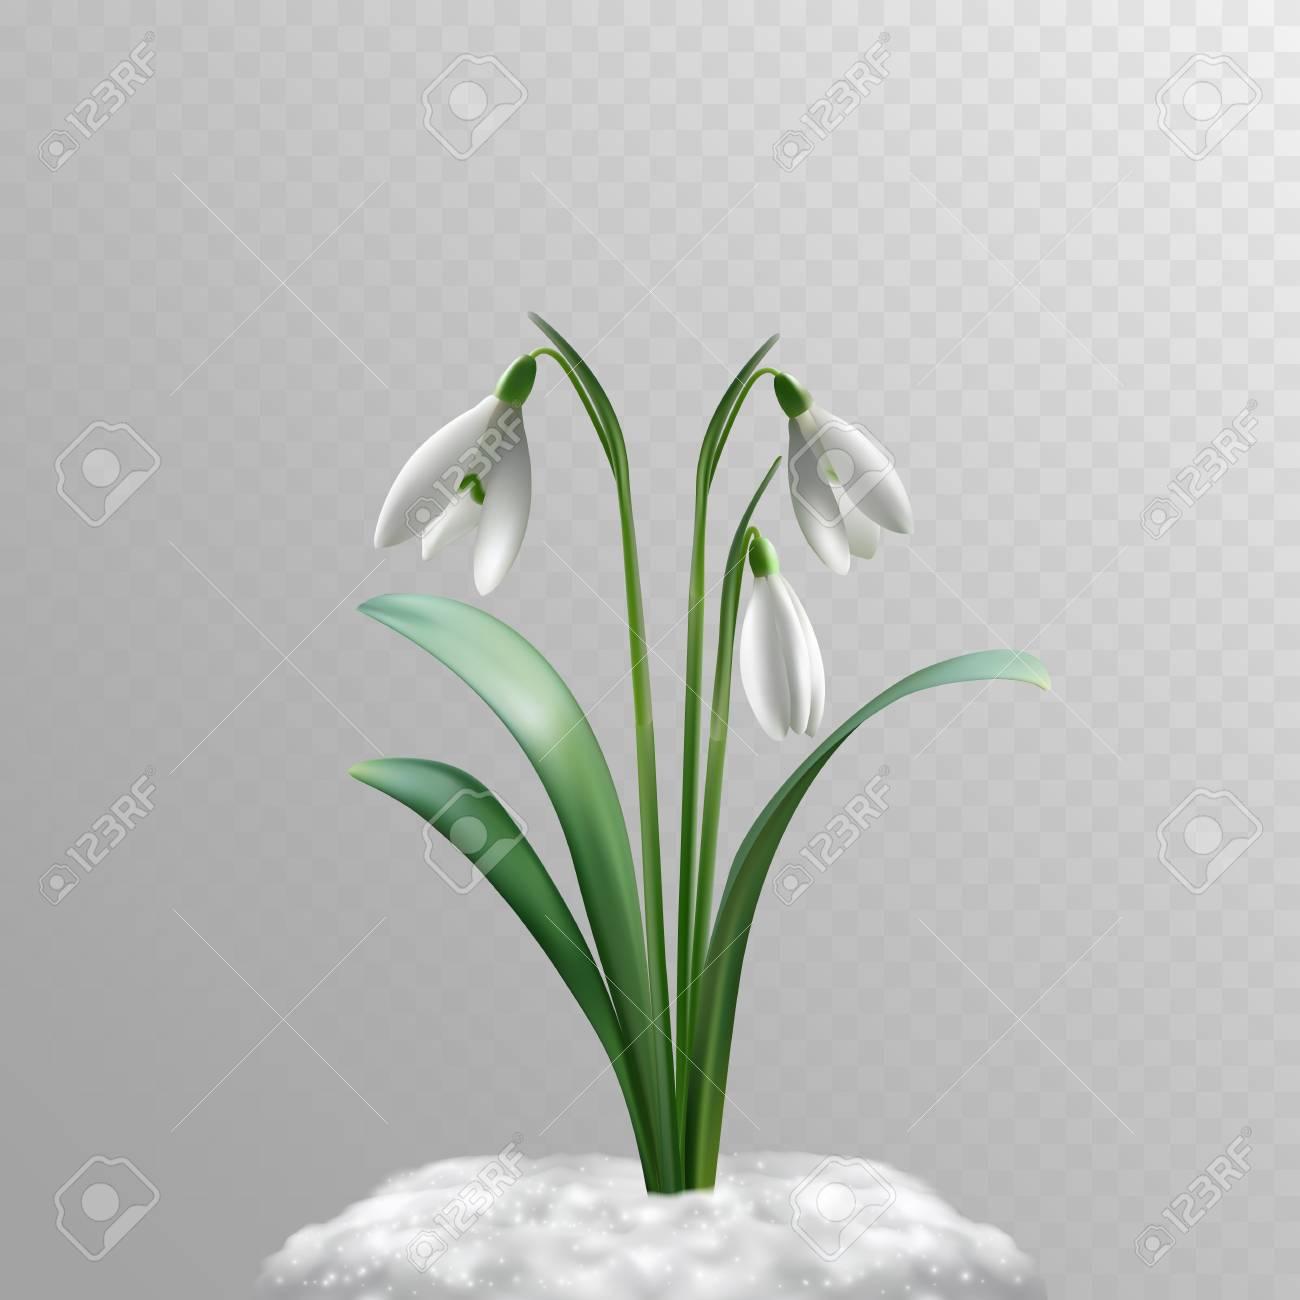 Vector Fotorealistische Schneeglockchen Auf Einem Transparenten